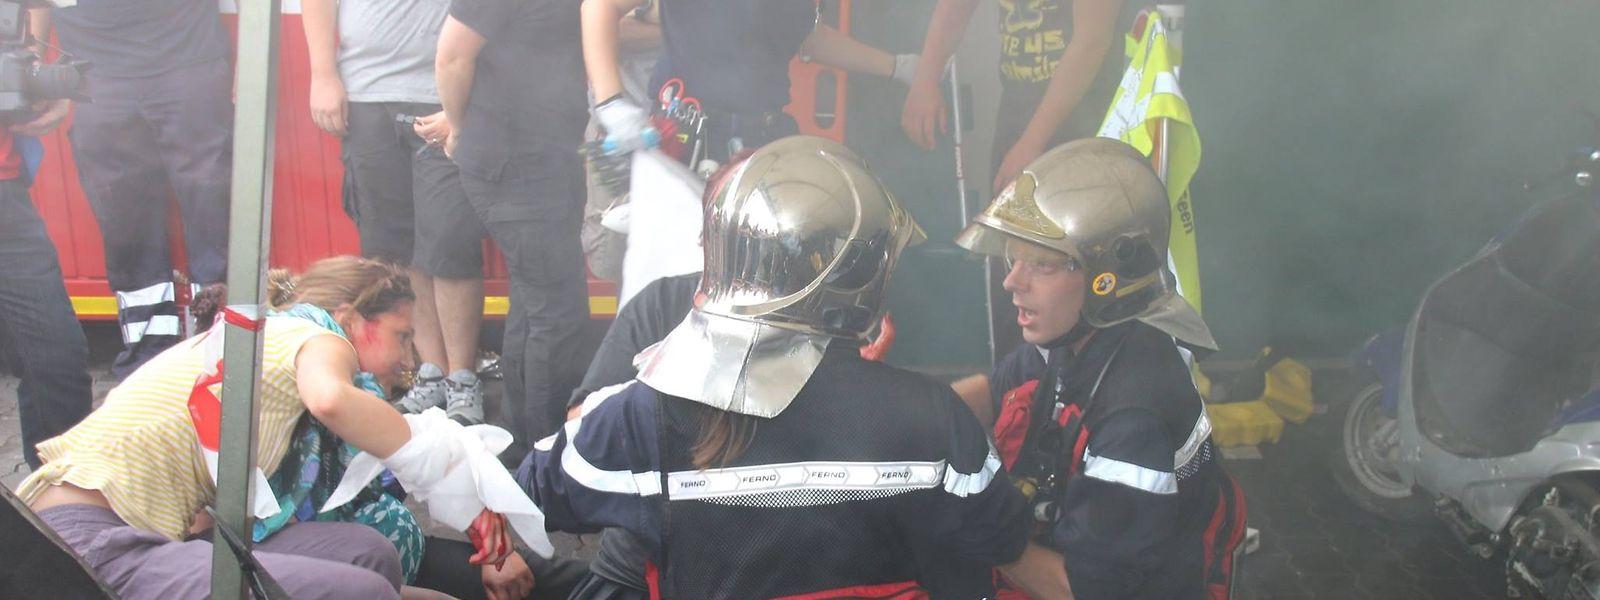 Die Rettungsleute proben Situationen aus ihrem Arbeitsalltag.